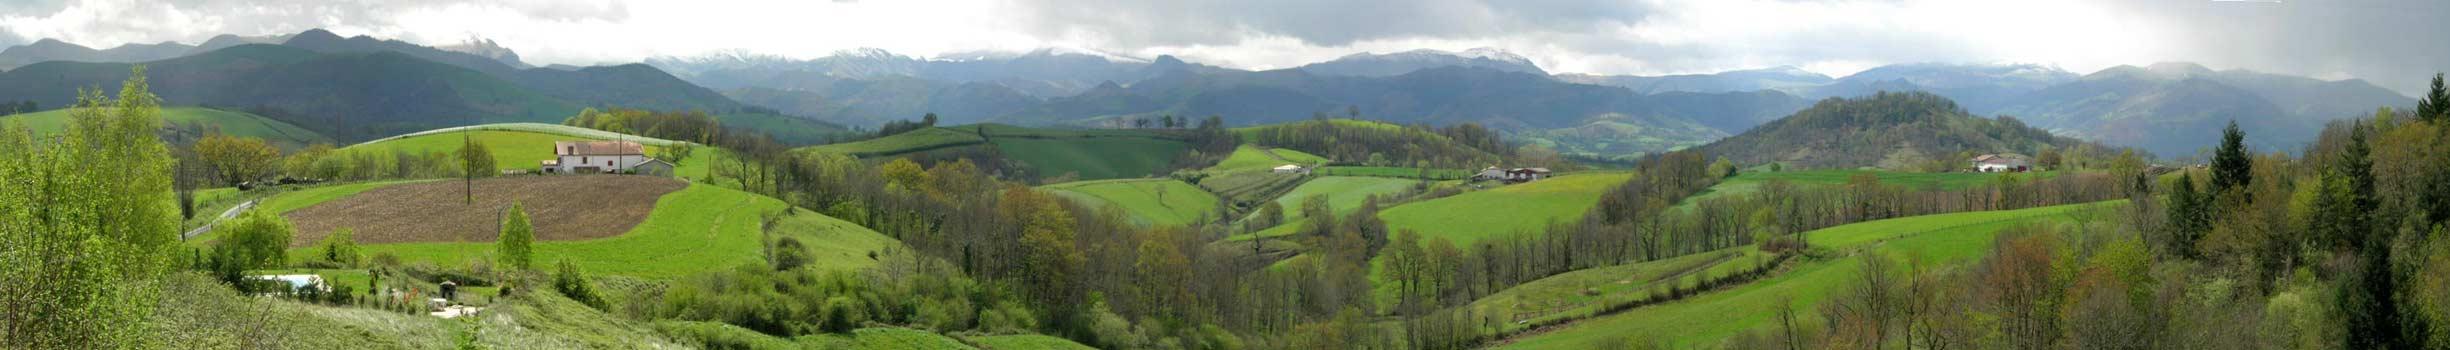 Près de Saint Jean Pied de Port, la montagne du pays Basque.